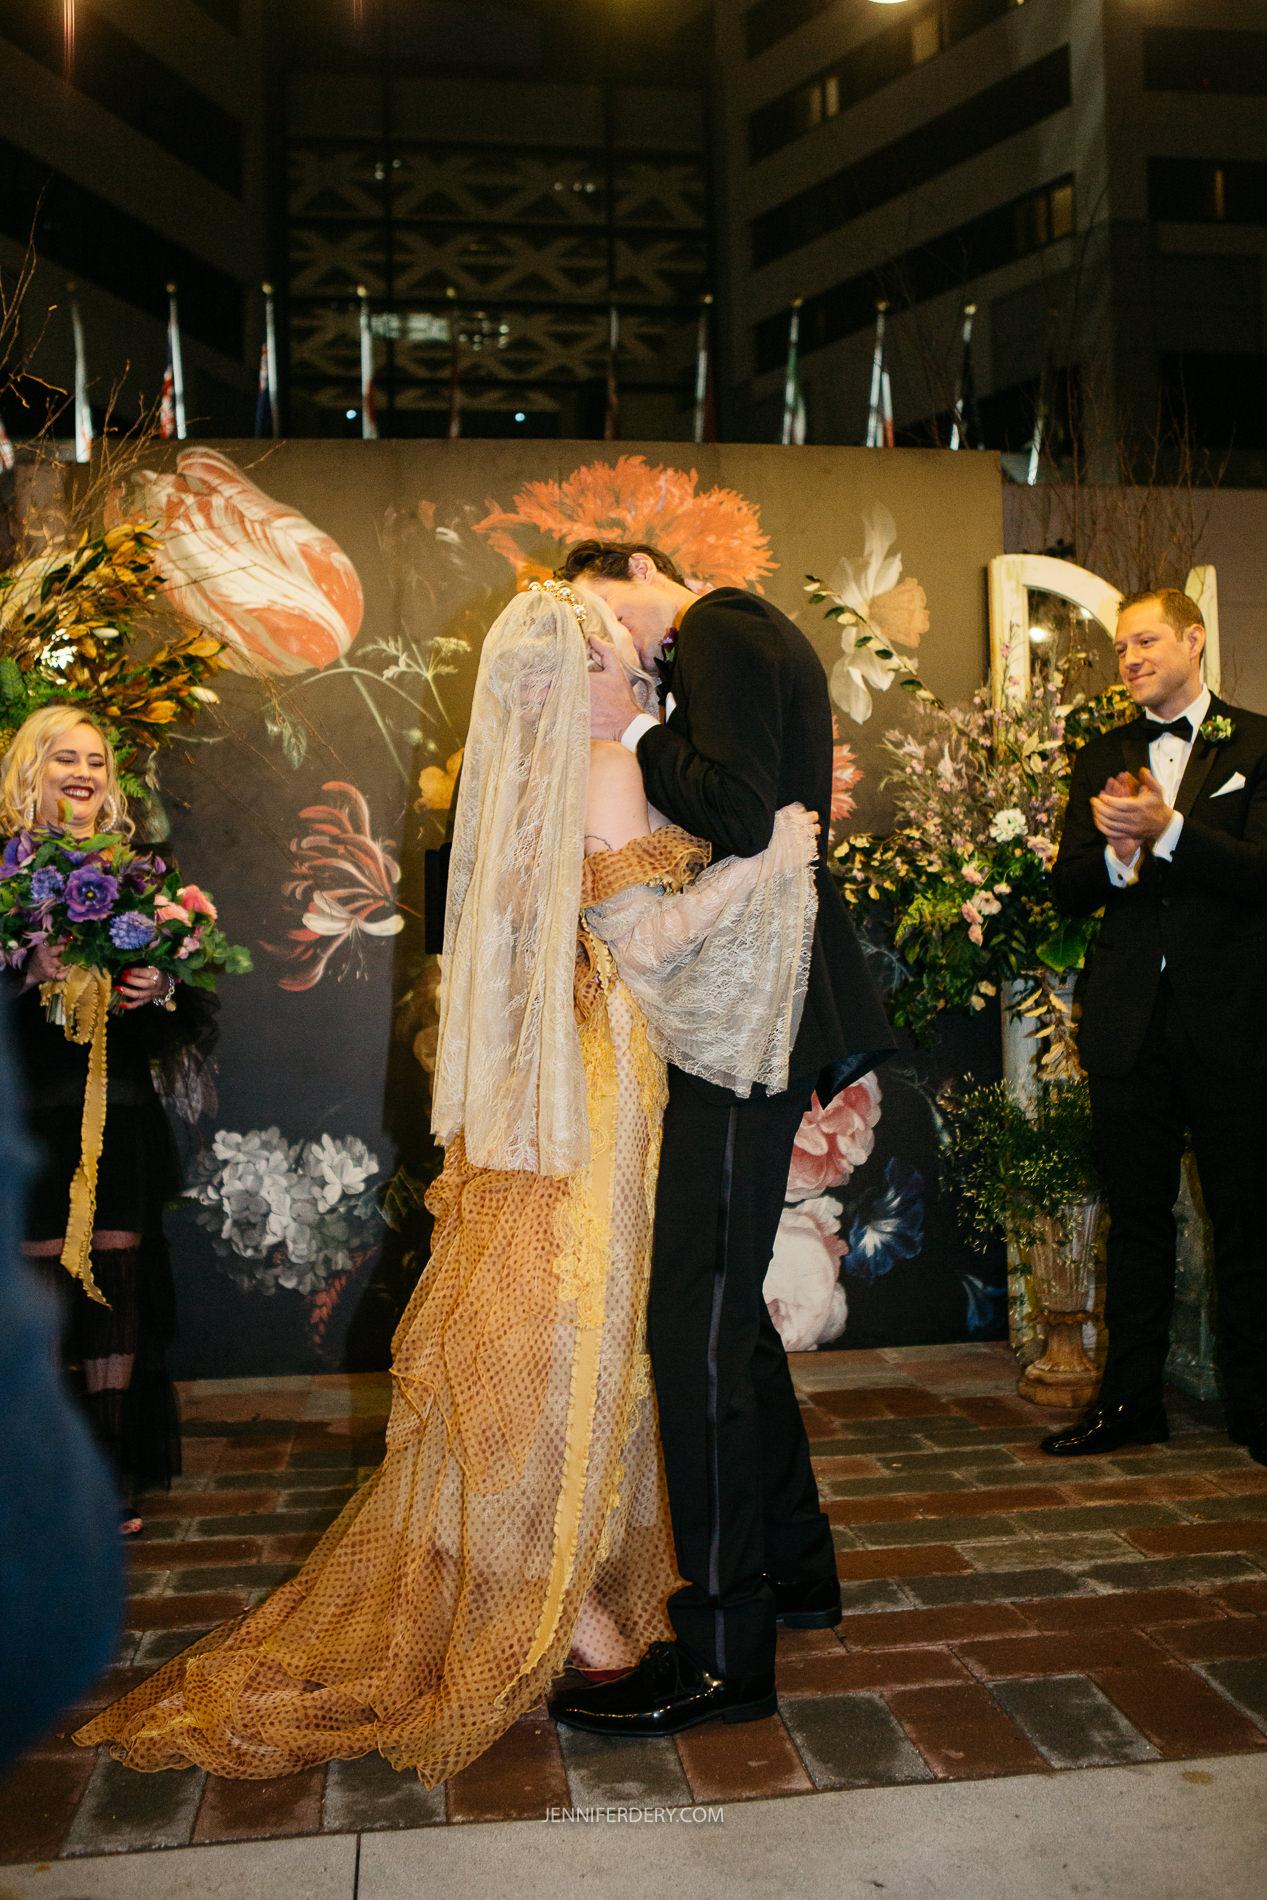 A PEAK INSIDE OUR WEDDING